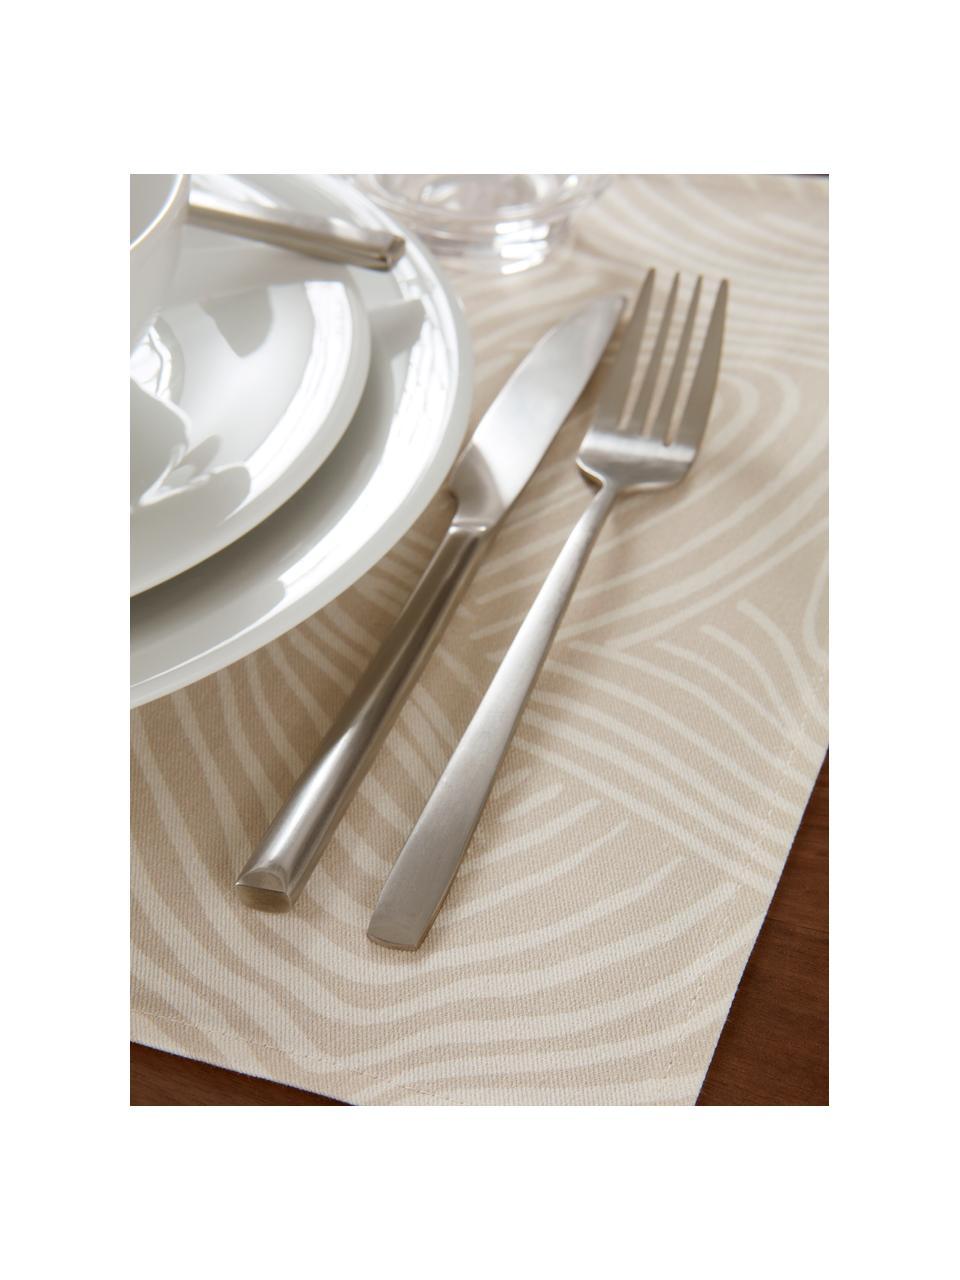 Baumwoll-Tischsets Vida in Beige mit feinen Linien, 2 Stück, 100% Baumwolle, Beige, 35 x 45 cm